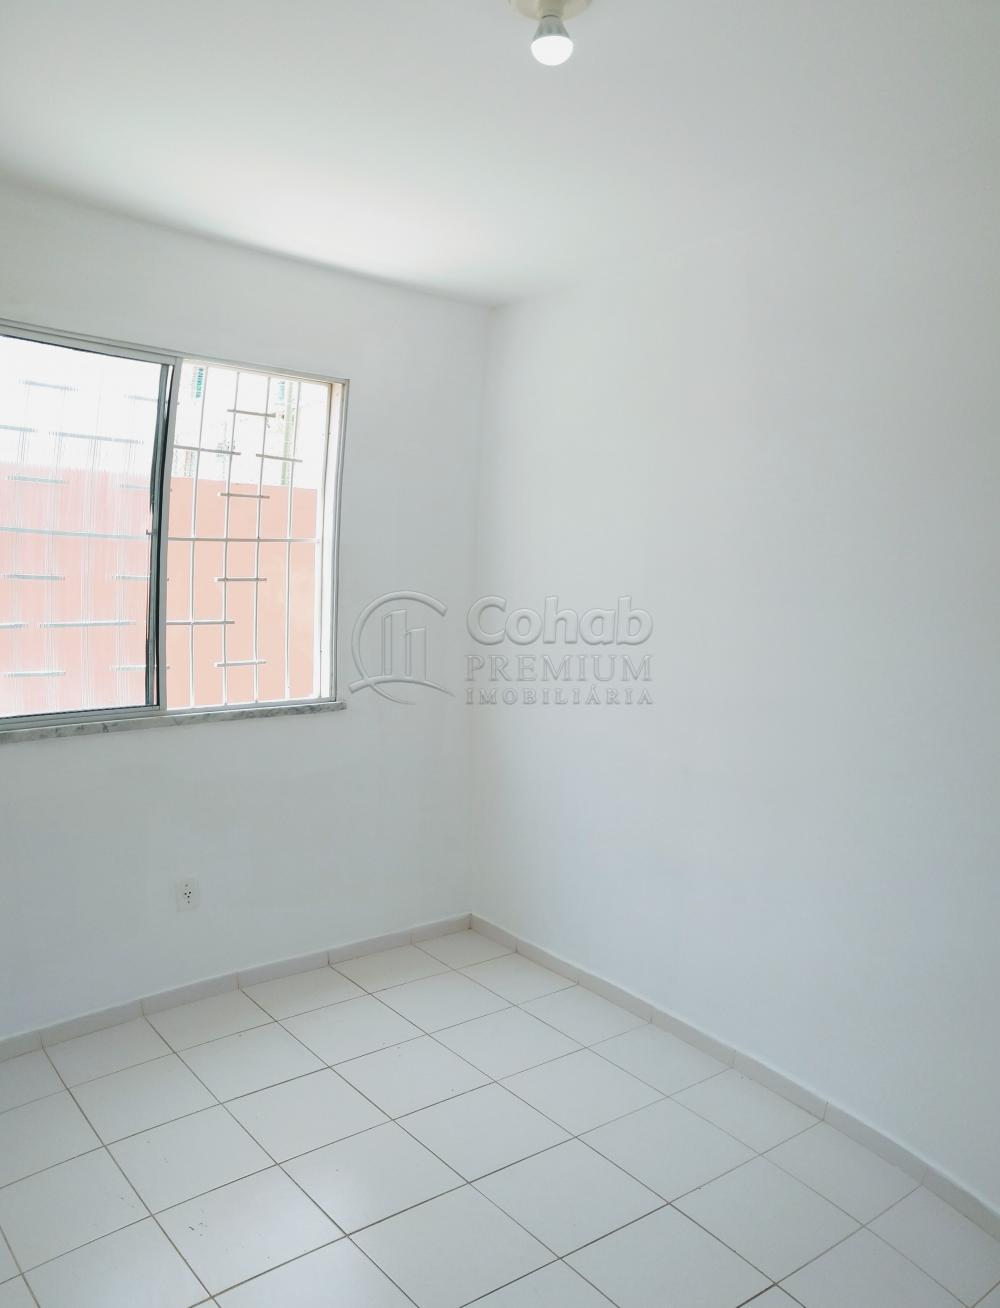 Alugar Apartamento / Padrão em Aracaju apenas R$ 500,00 - Foto 7